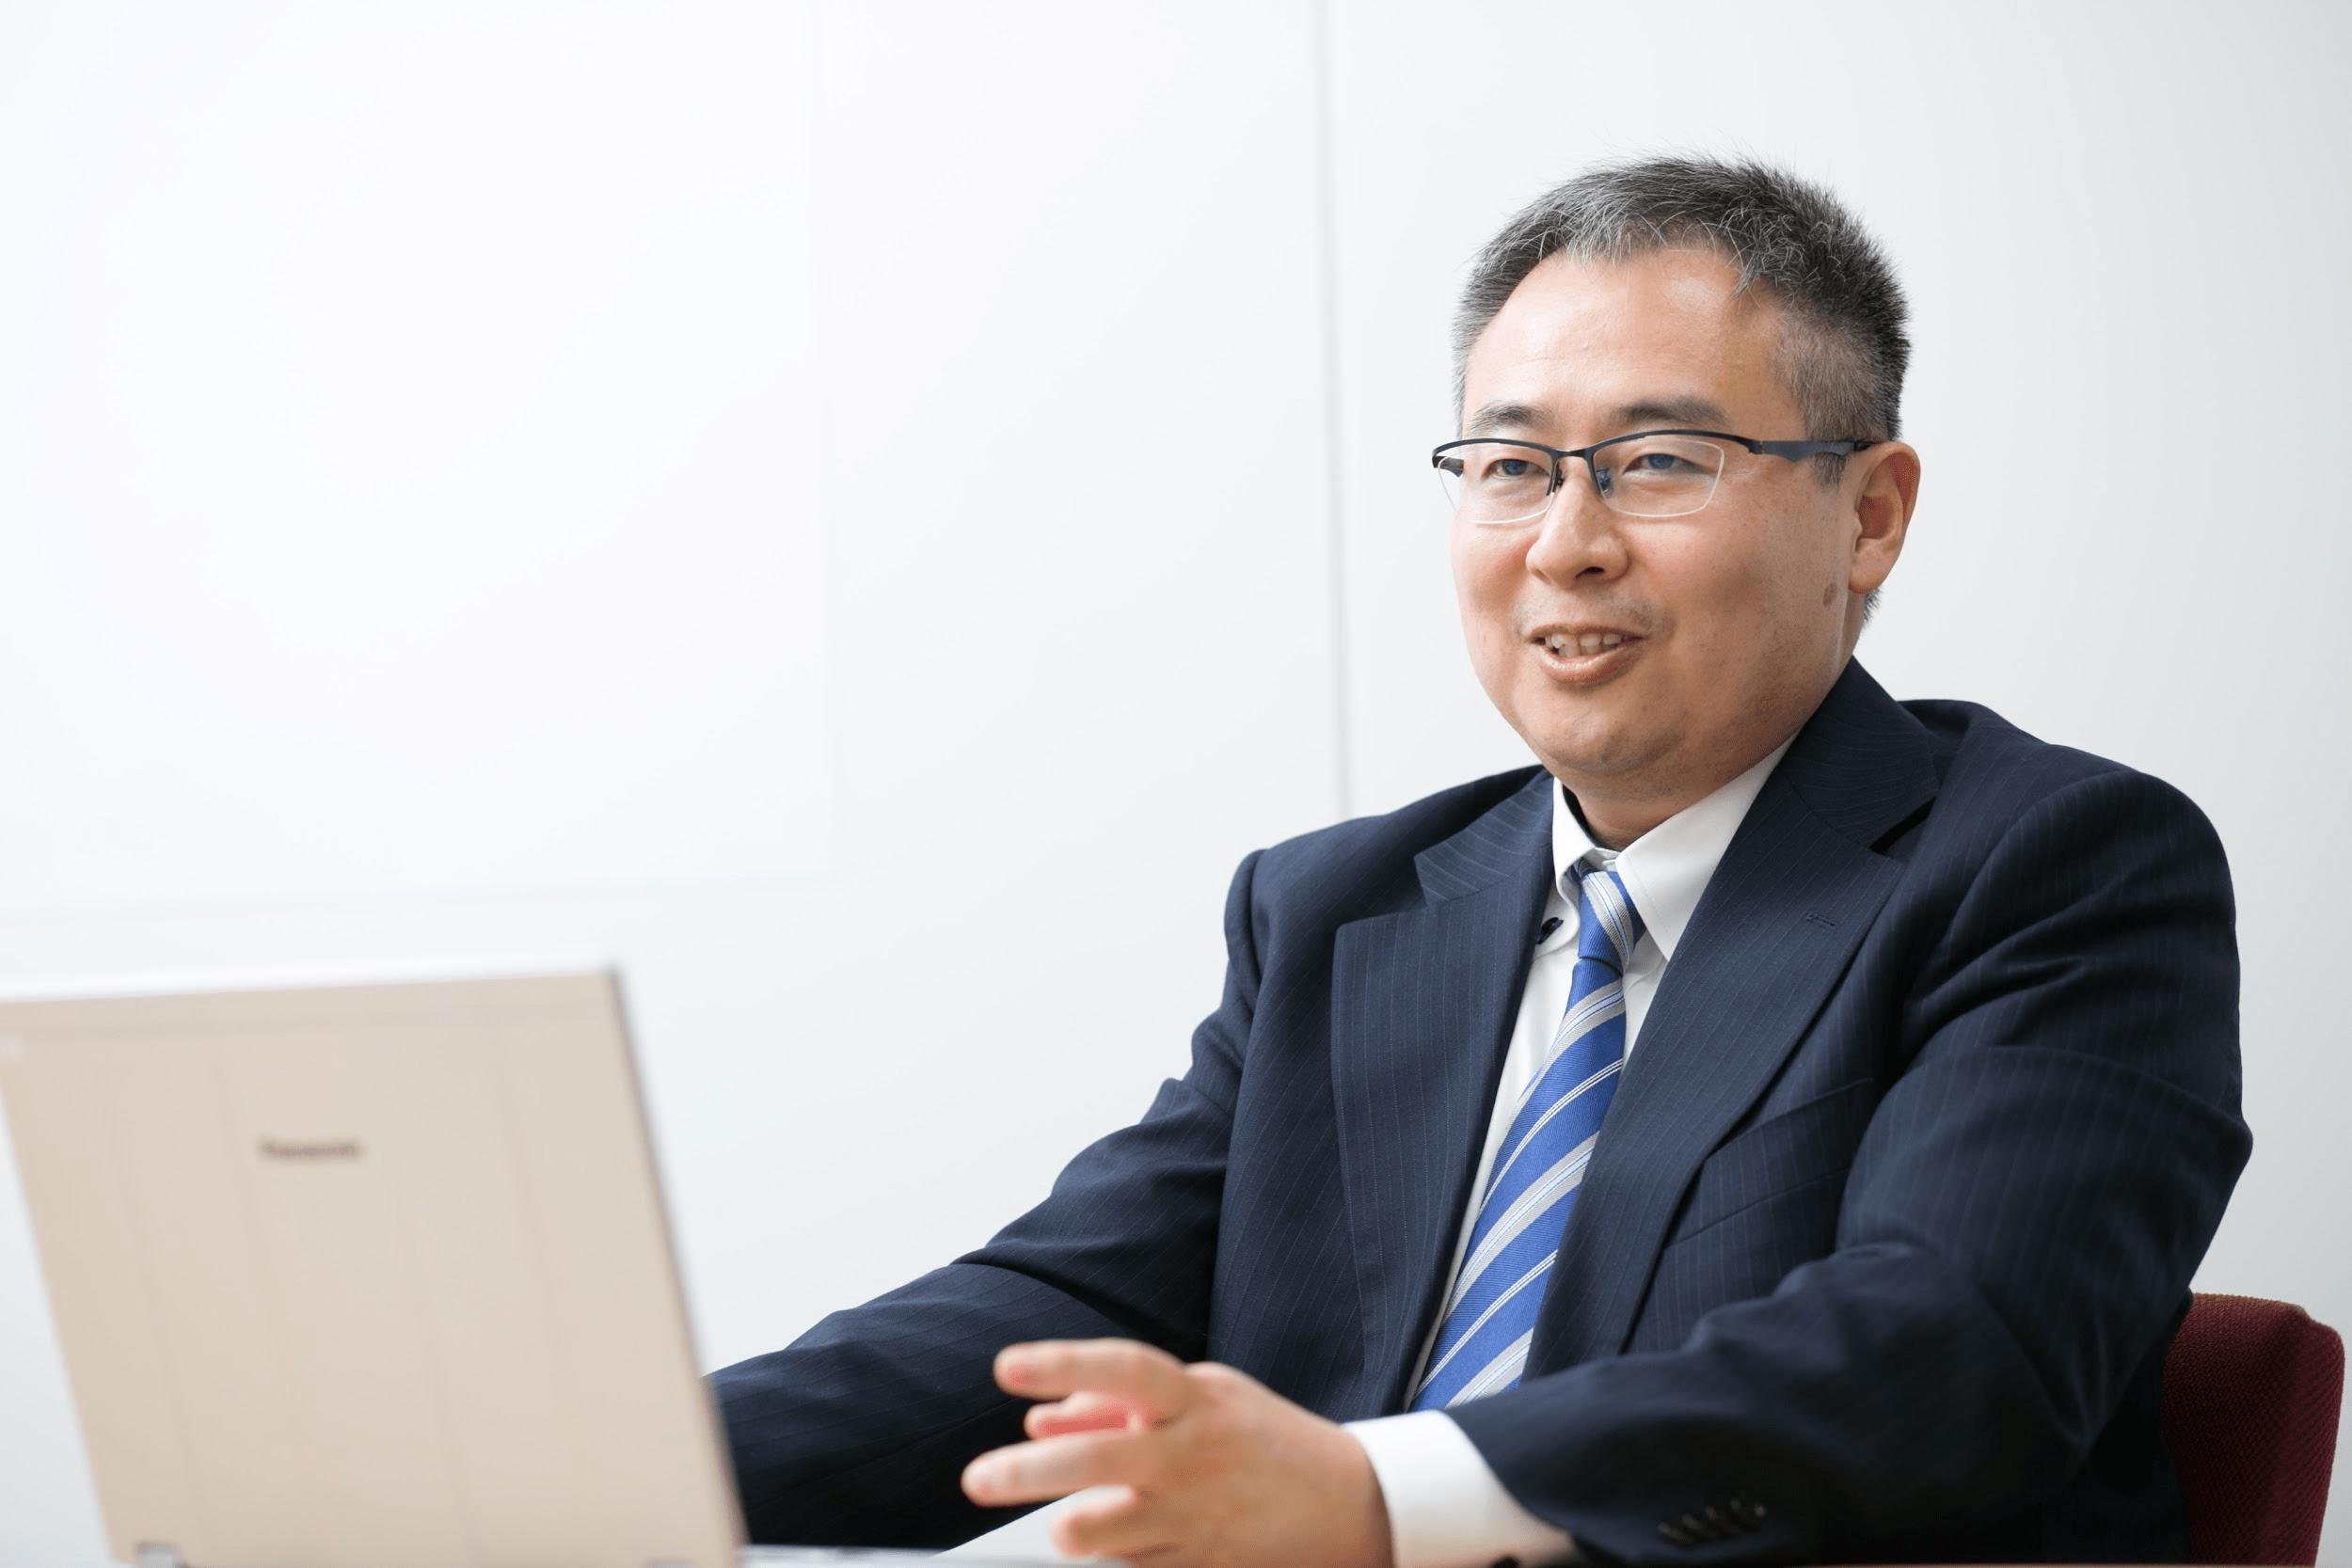 株式会社オロ 常務取締役 藤崎邦生